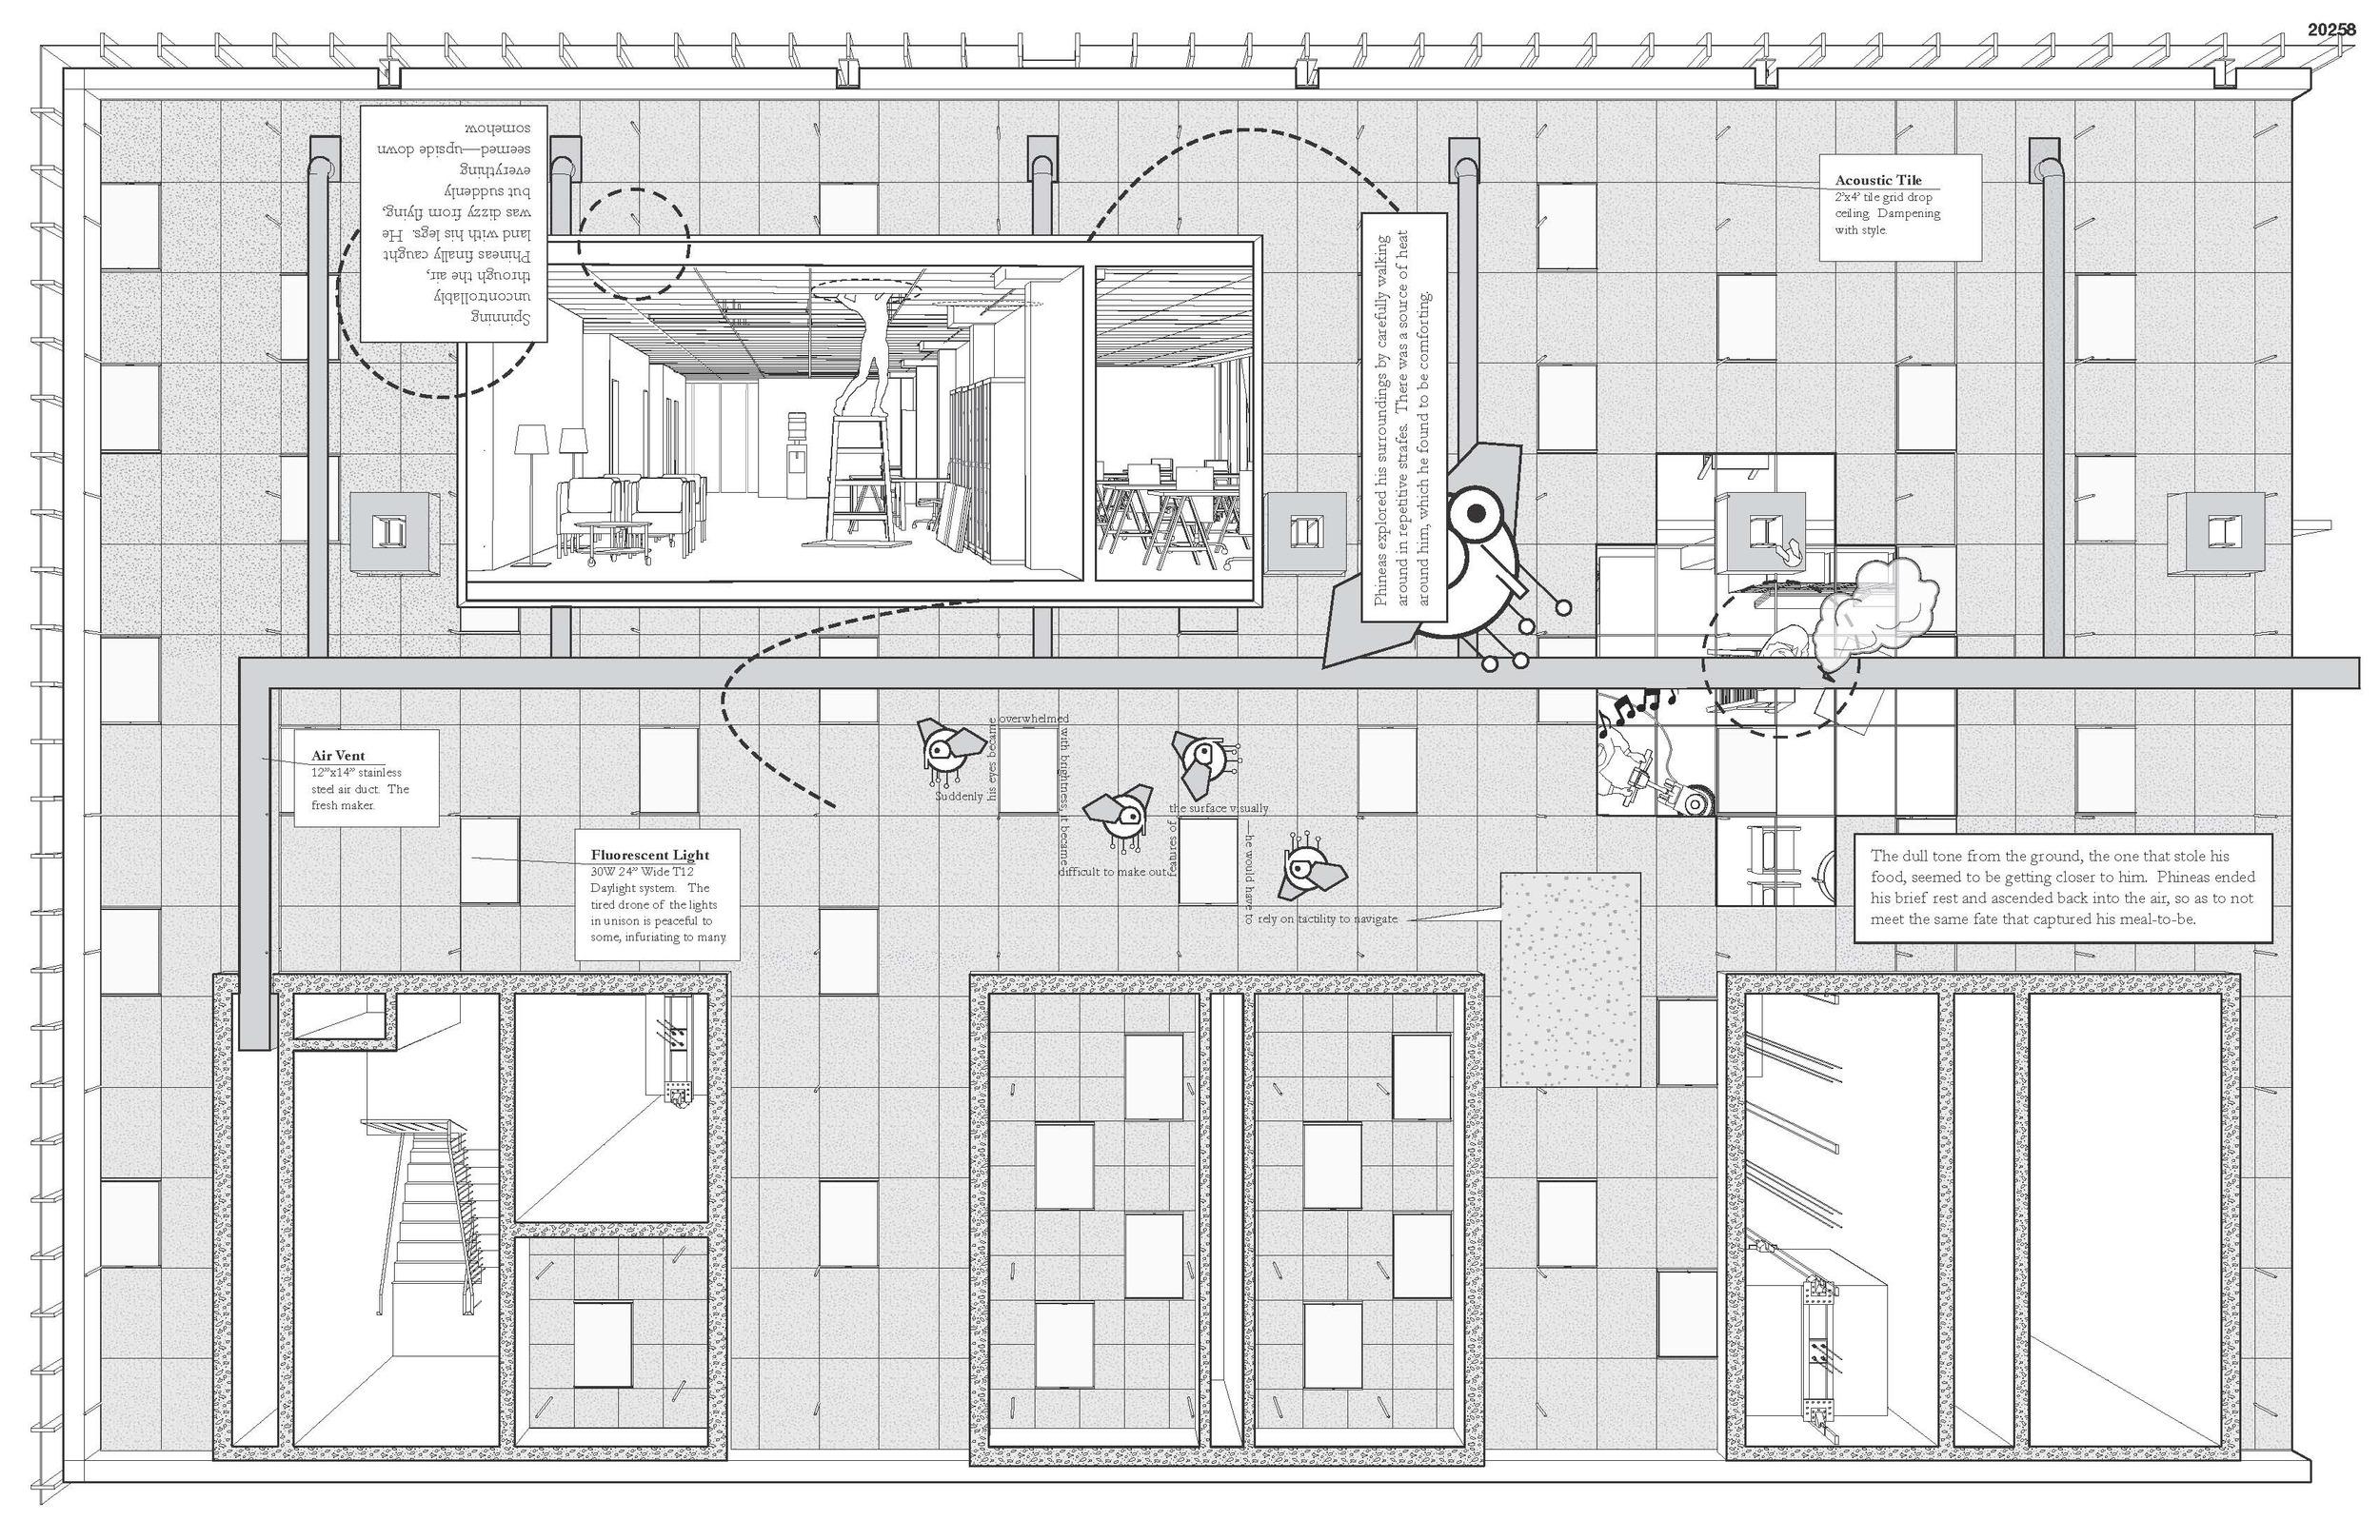 P3_Ceiling Plan.jpg